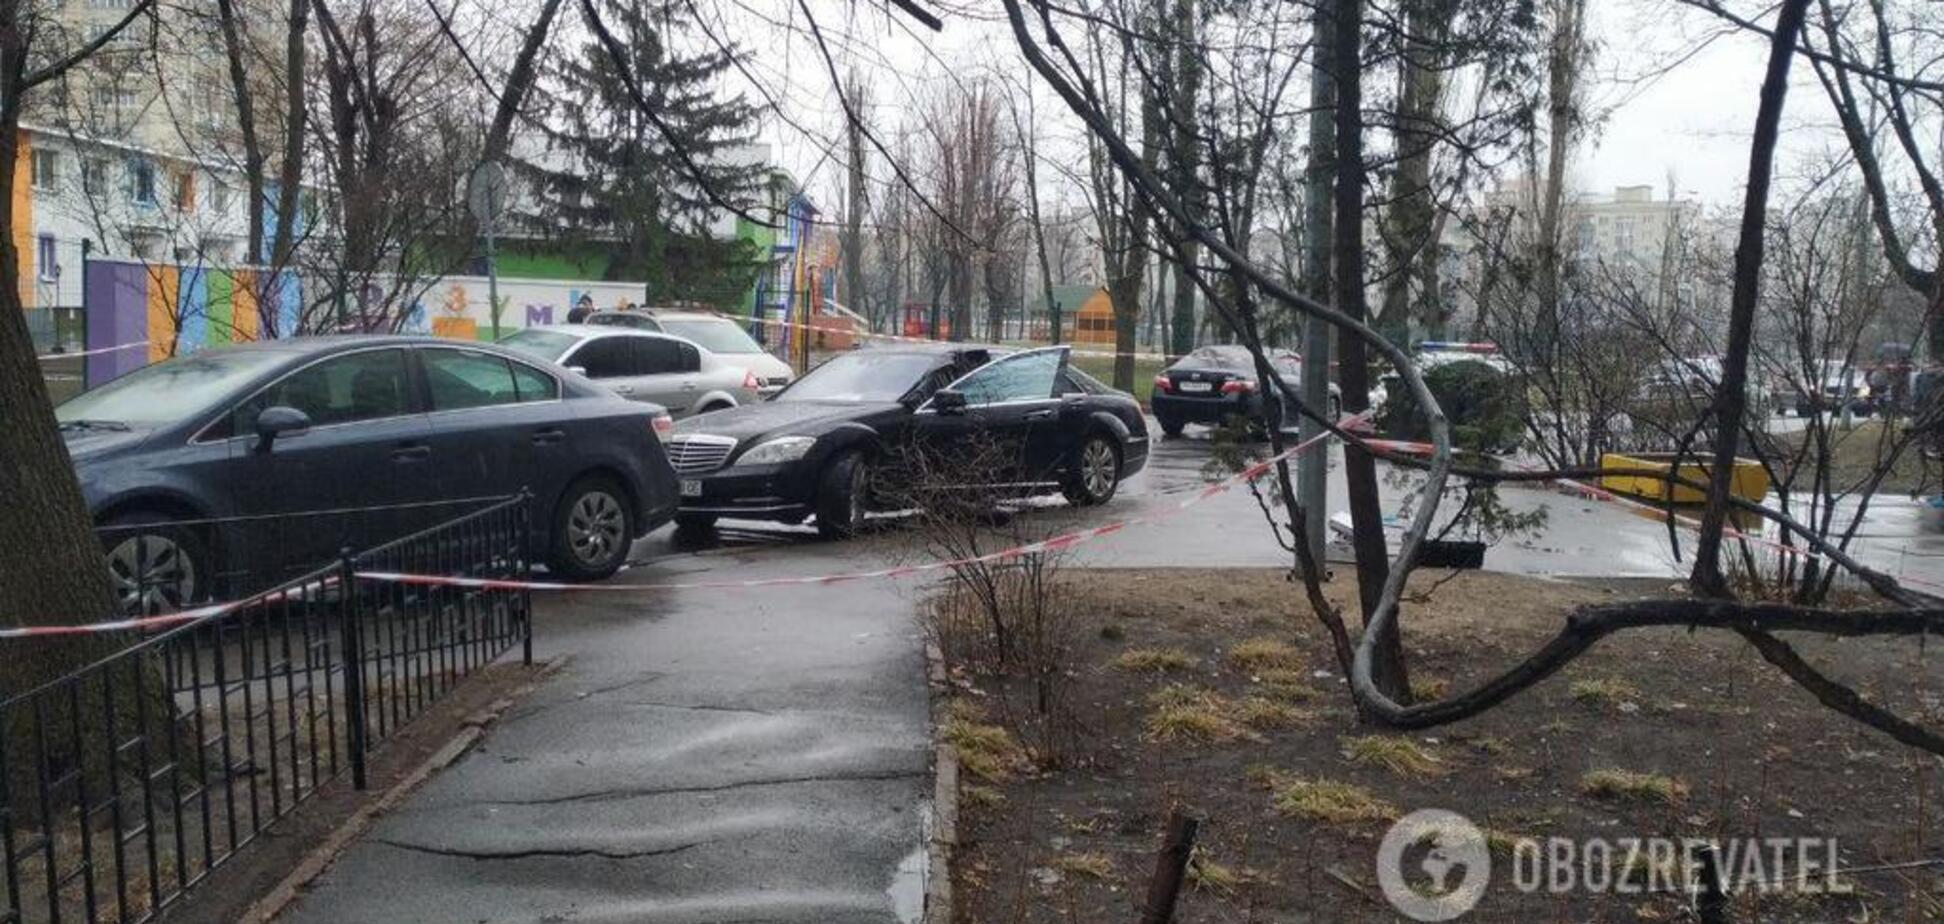 Подозревают полицейского: новые детали в деле об убийстве ювелира в Киеве